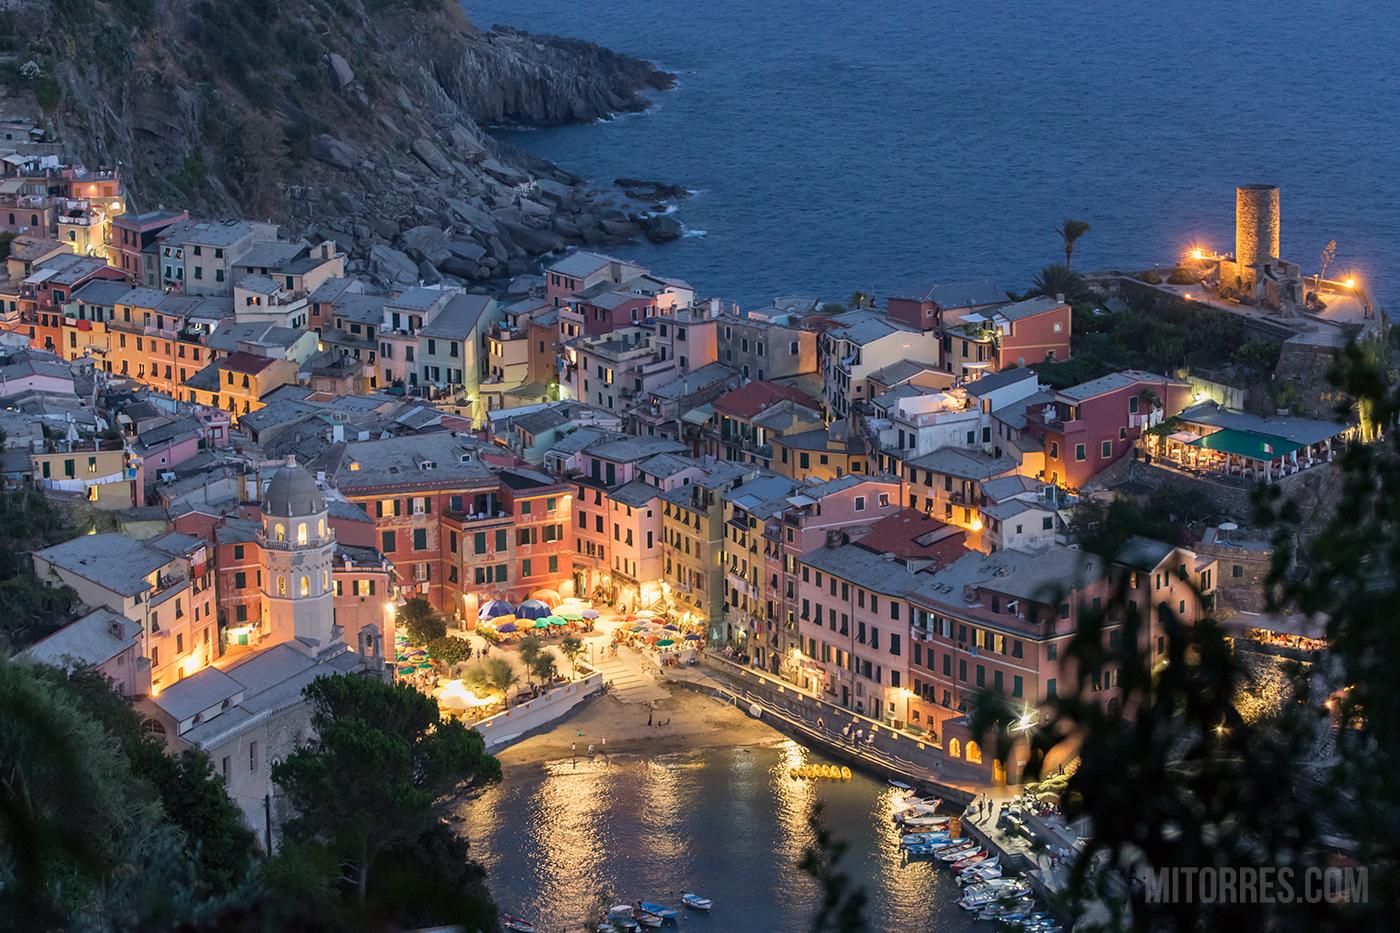 Vernazza, Cinque Terre, Italy. Photo: Marlon I. Torres